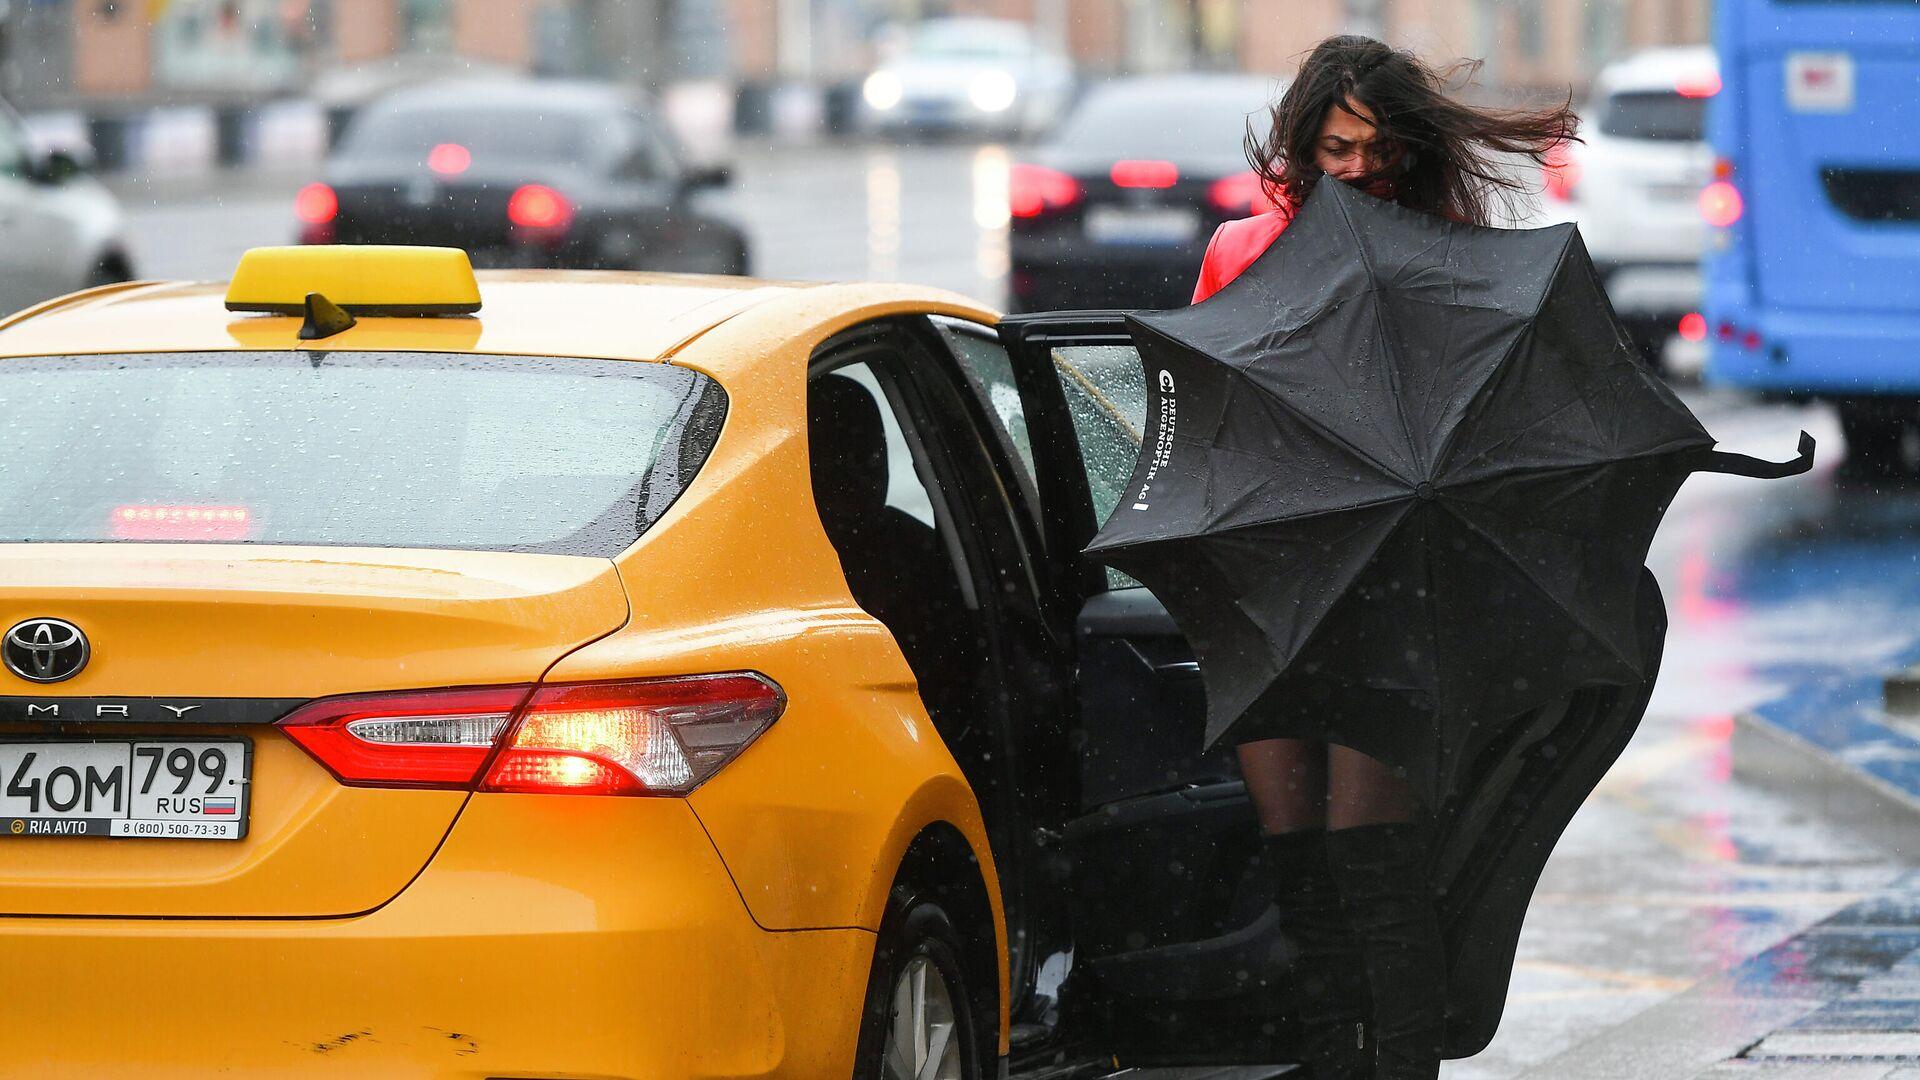 Девушка садится в такси во время дождя в Москве - РИА Новости, 1920, 21.06.2021